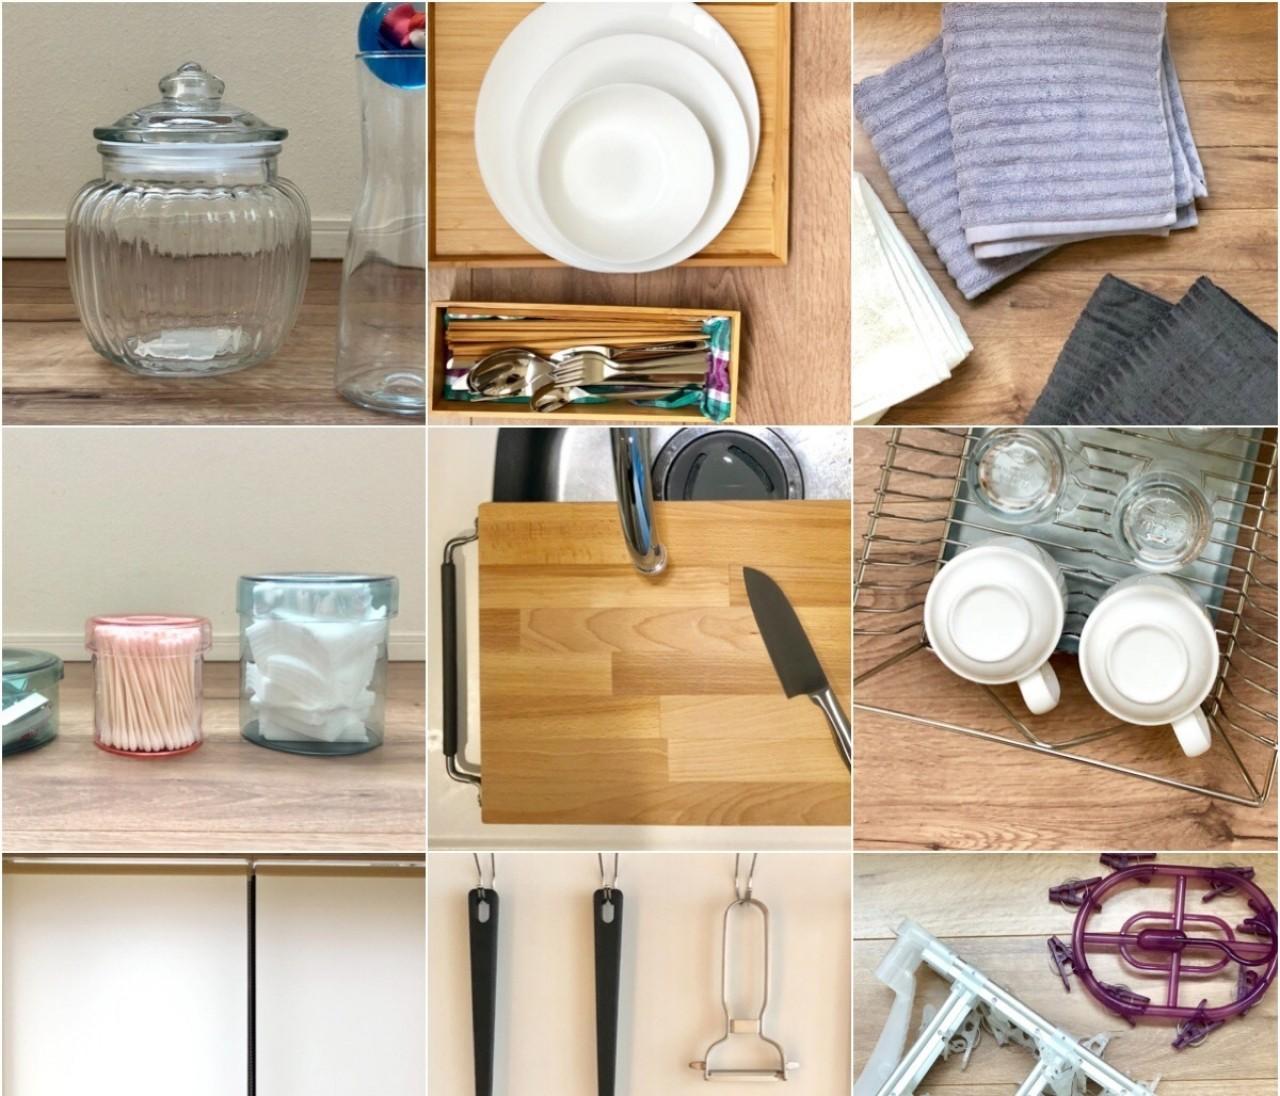 新人エディターが【IKEA・無印良品・ニトリ】で厳選♡ インテリア雑貨15選